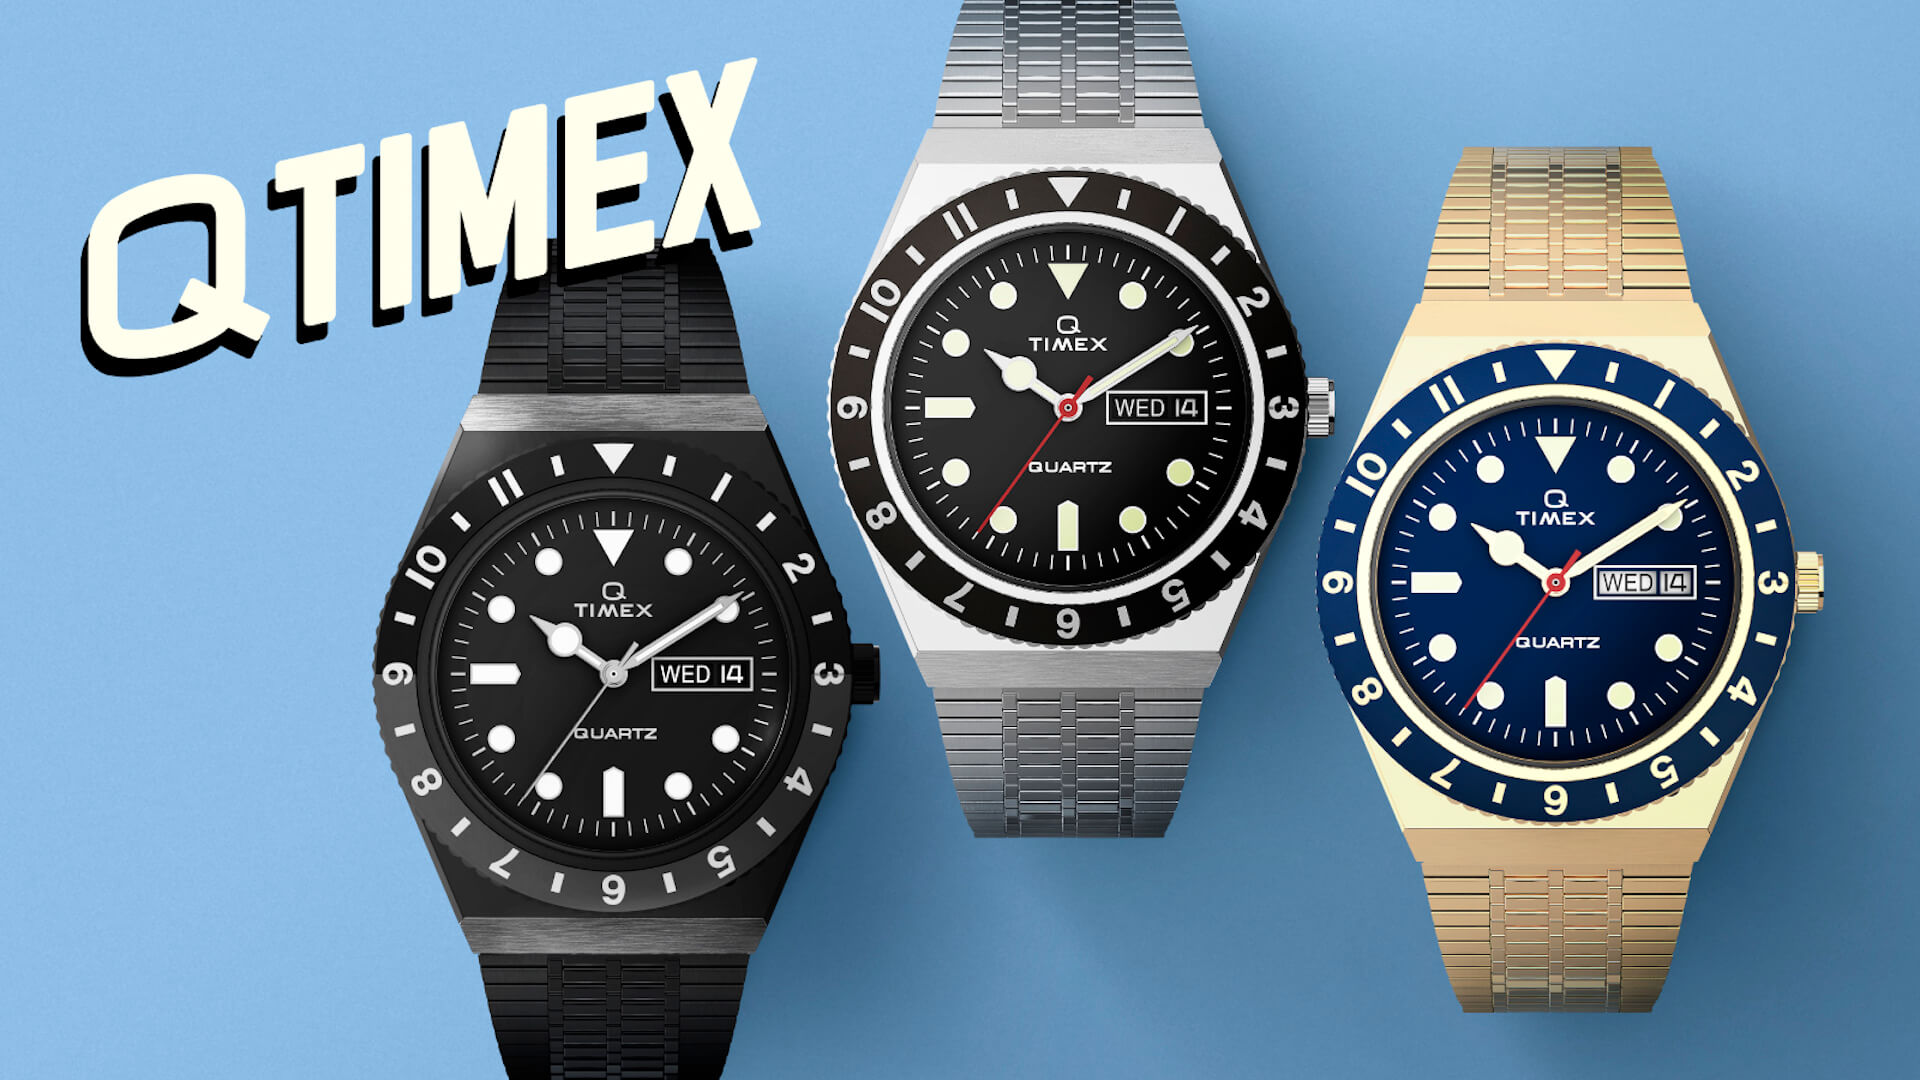 発売わずか30分で完売したTIMEX『Q TIMEX』シリーズが待望の復活!モノクローム、ブラックベゼル、イエローゴールド3種が登場 life210521_timex_qtimex_1